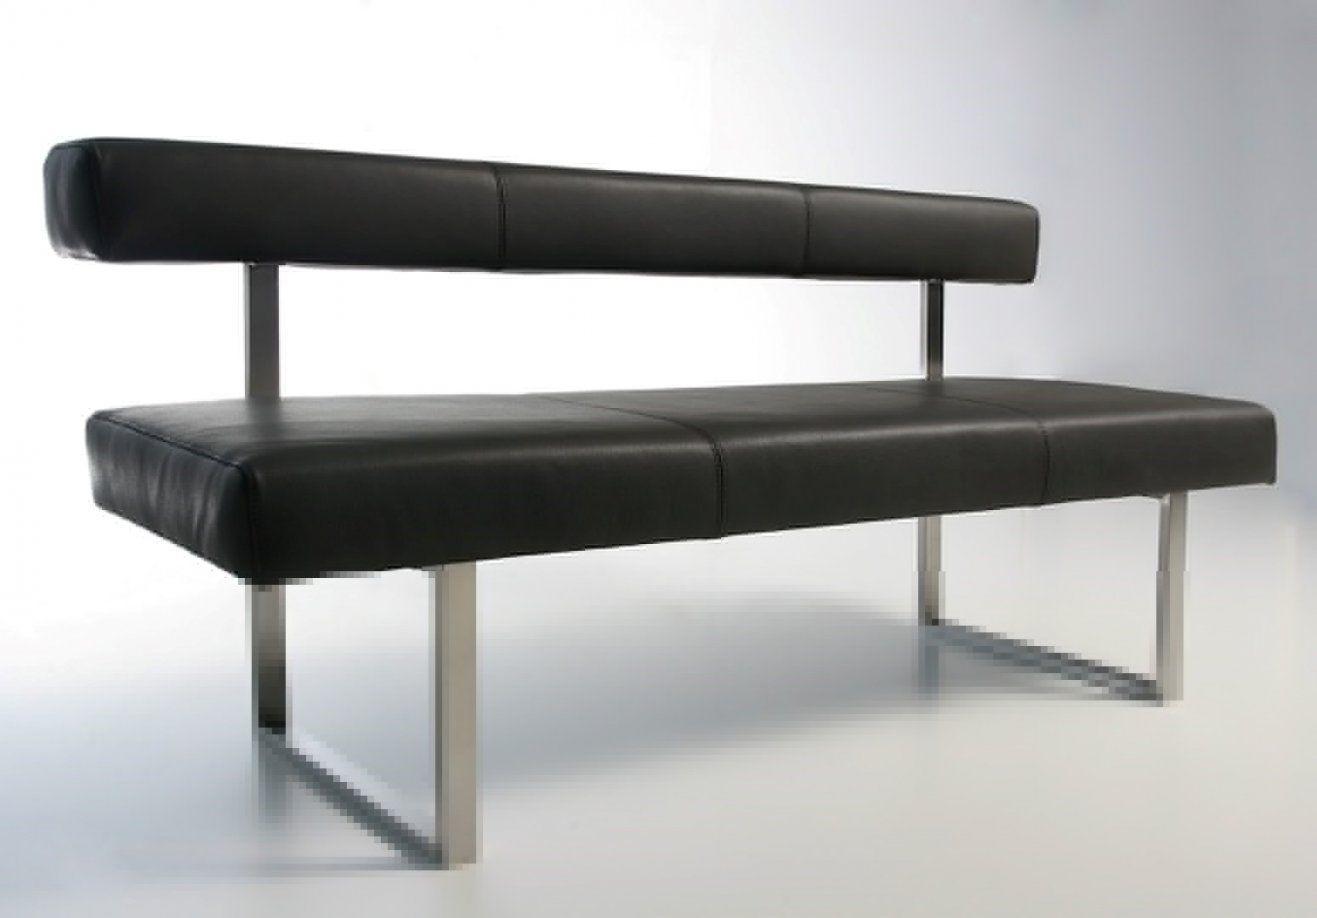 Esszimmer Ideen Bezaubernd Esszimmer Sitzbank Mit Lehne Design von Sitzbank Esszimmer Mit Rückenlehne Bild